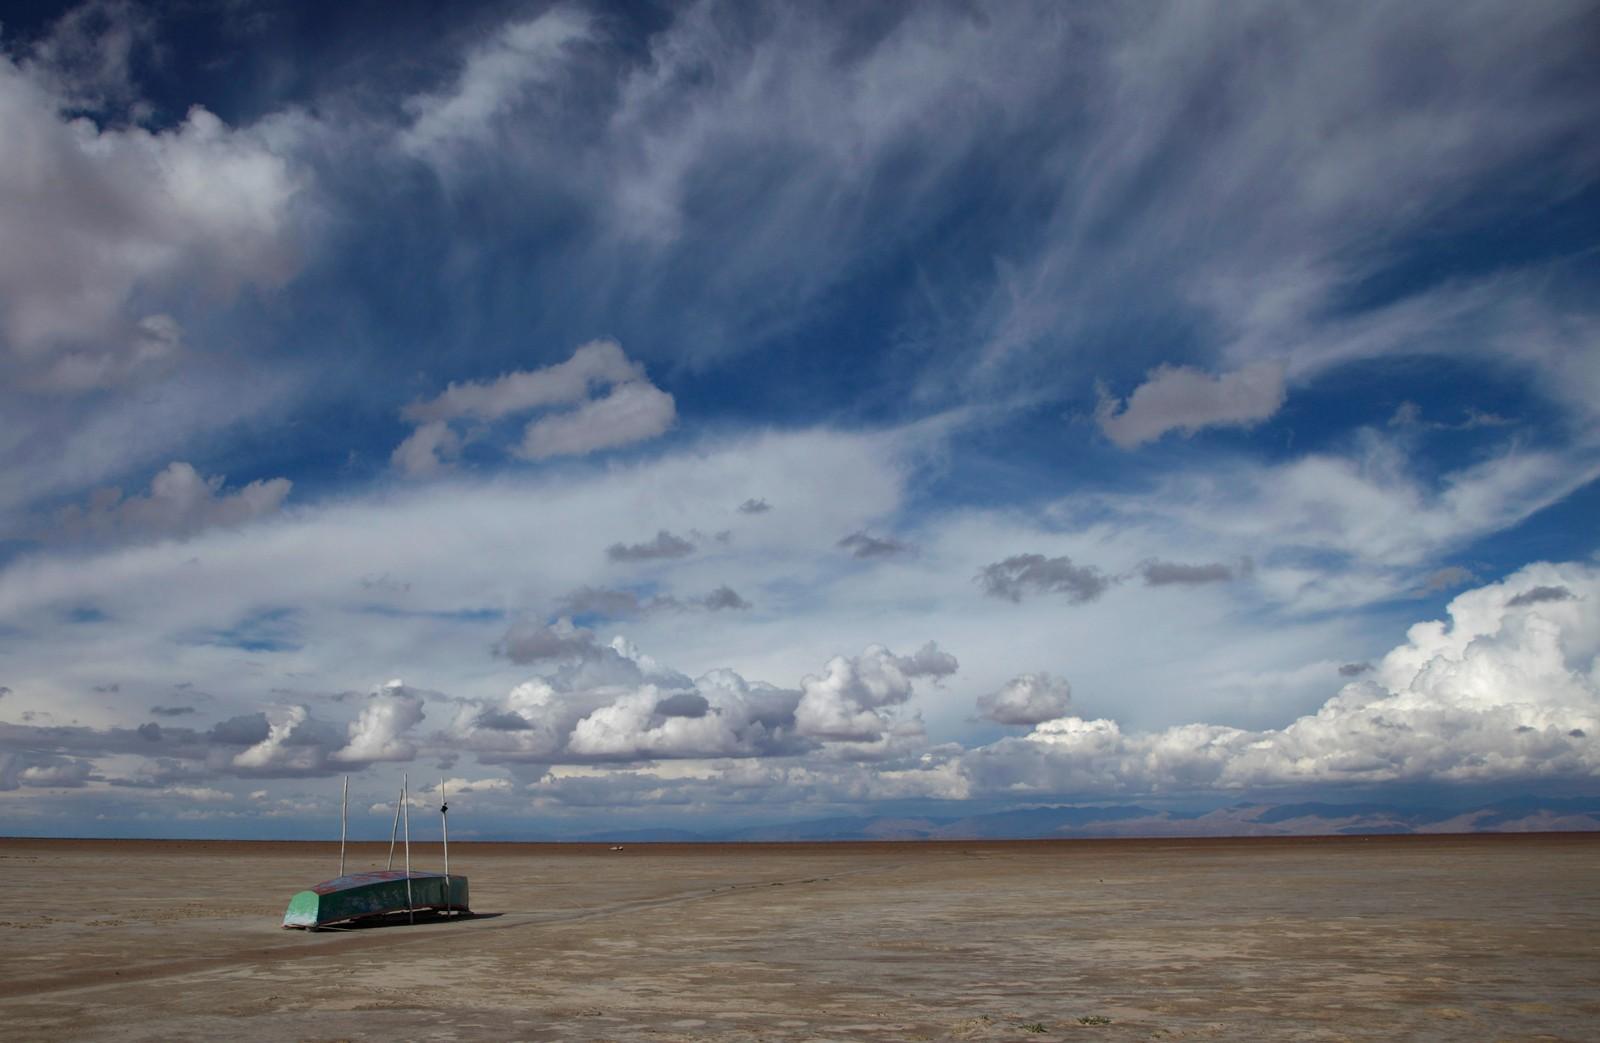 Innsjøen har også tørket ut tidligere, men da kom vannet tilbake. Det tror ikke forskerne skjer igjen.